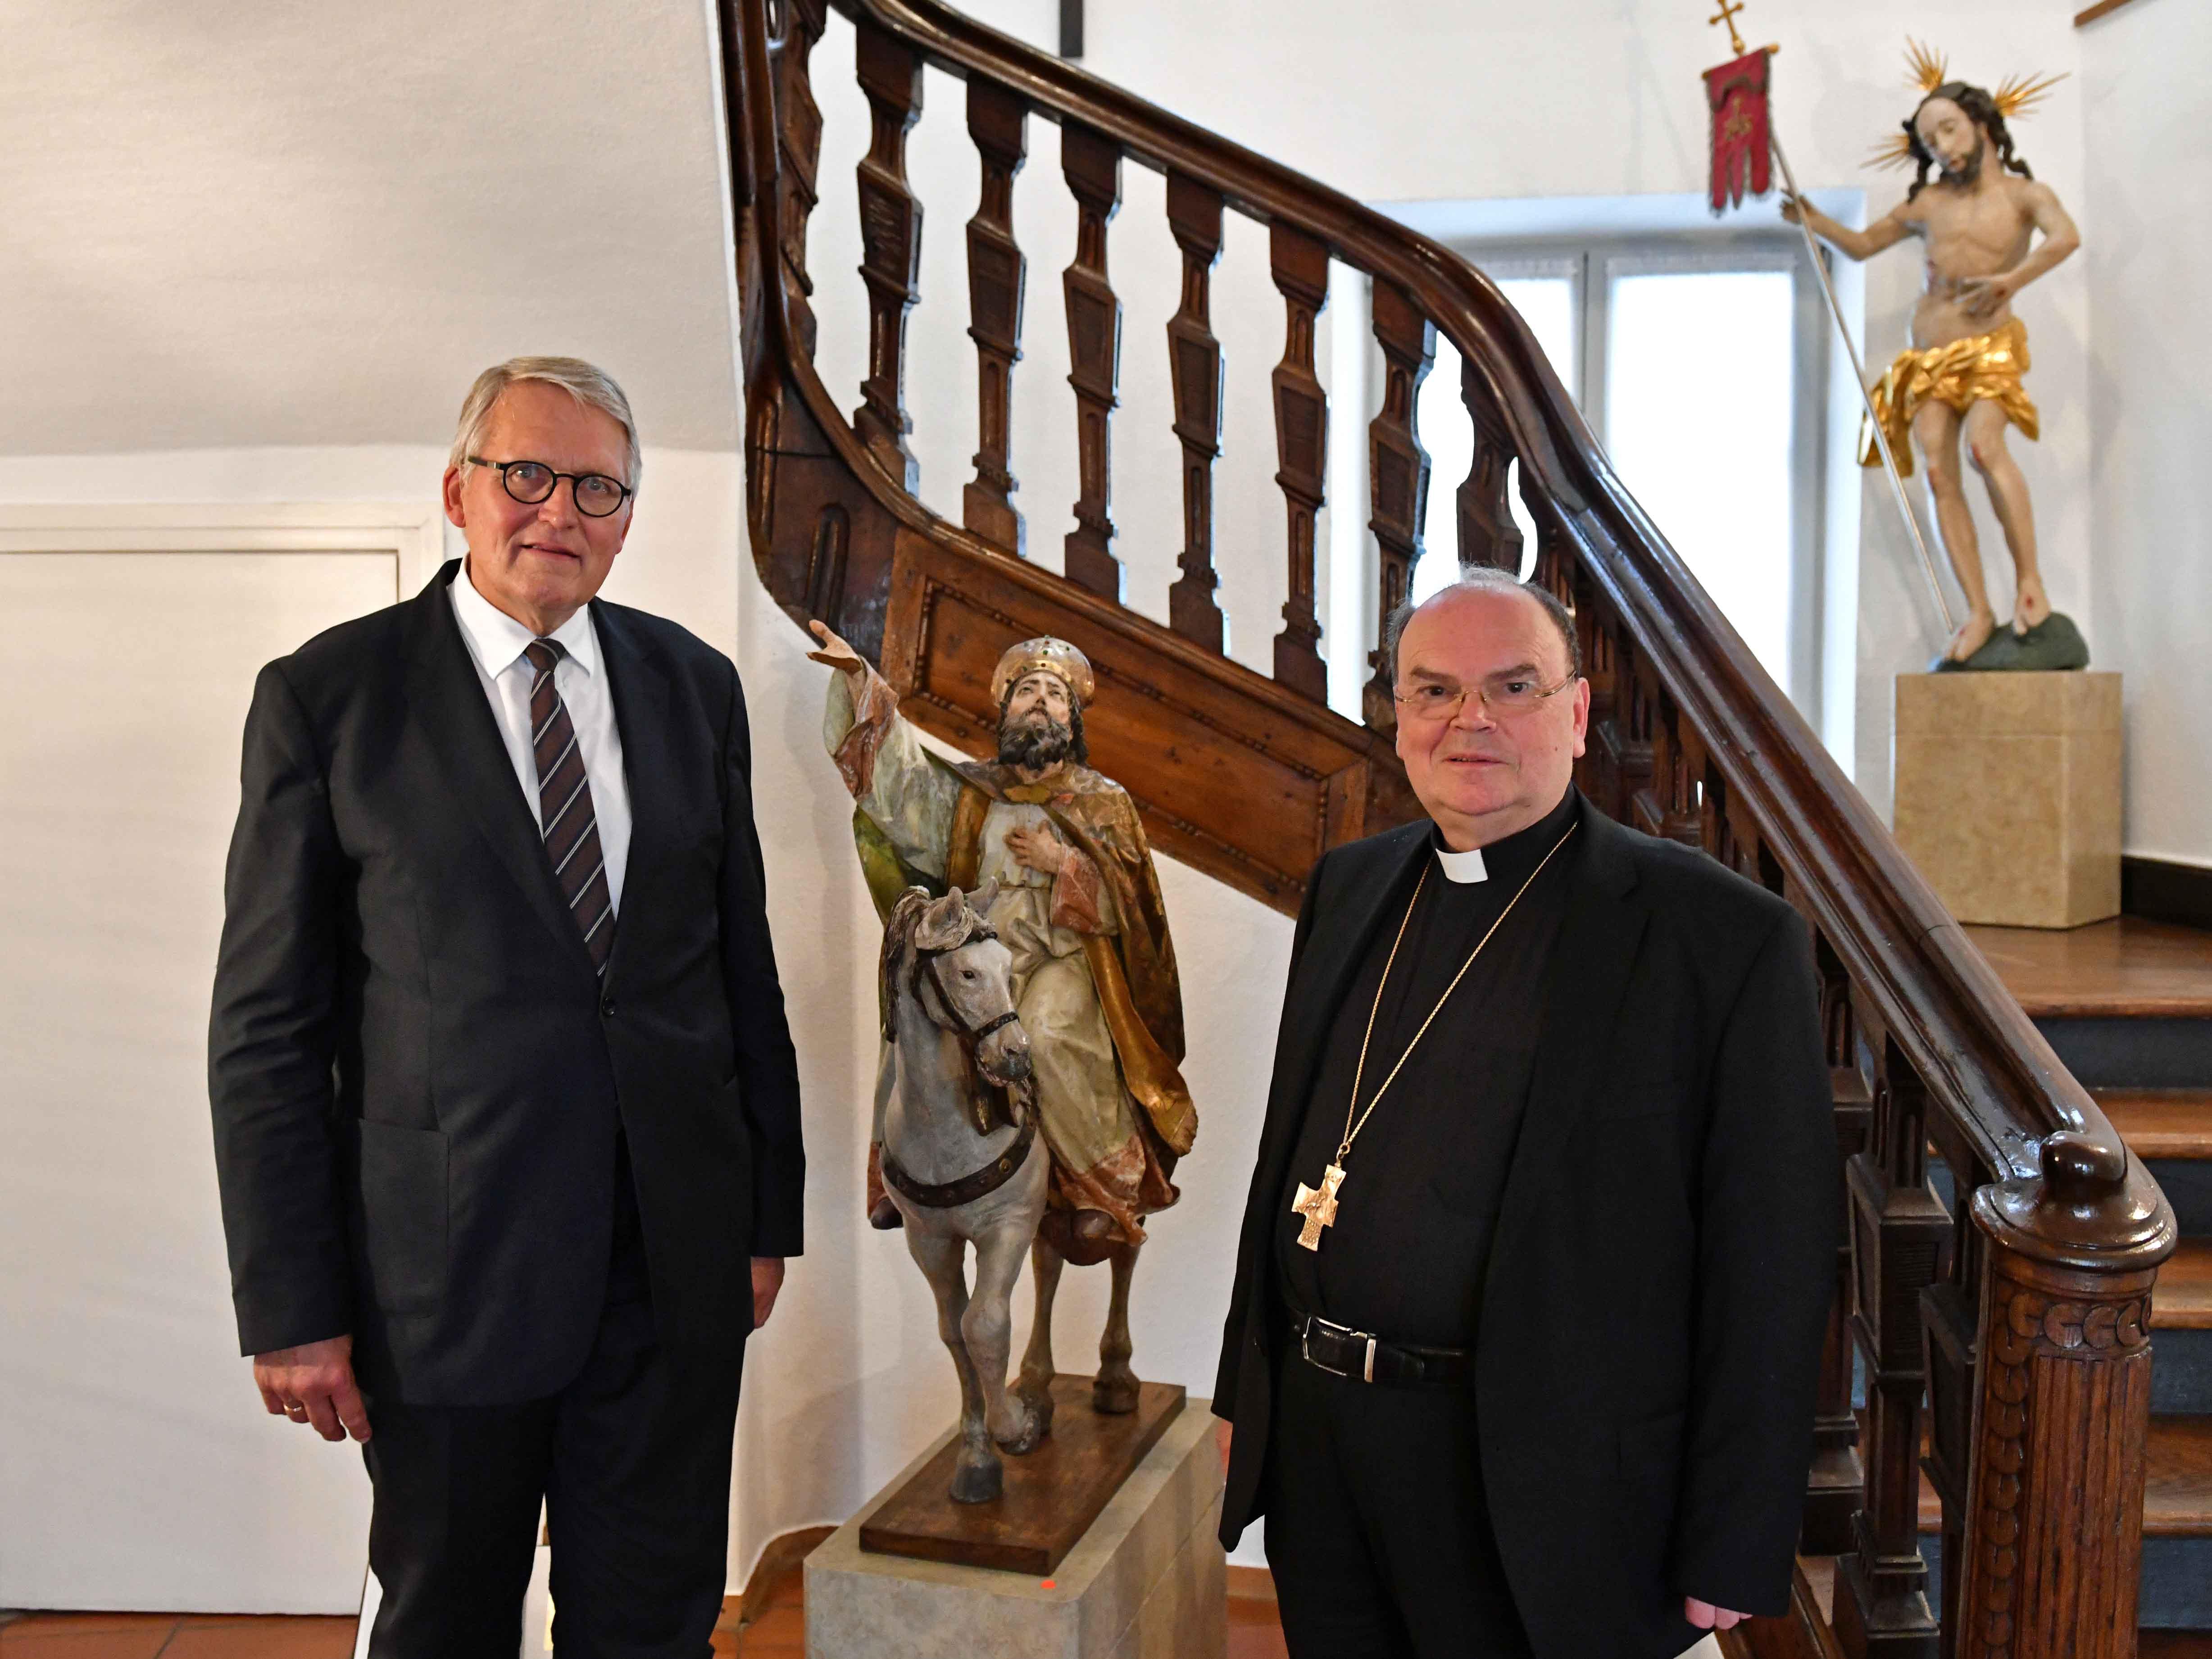 Prof. Dr. Thomas Sternberg zu Gast bei Bischof Bertram. (Foto: Nicolas Schnall / pba)